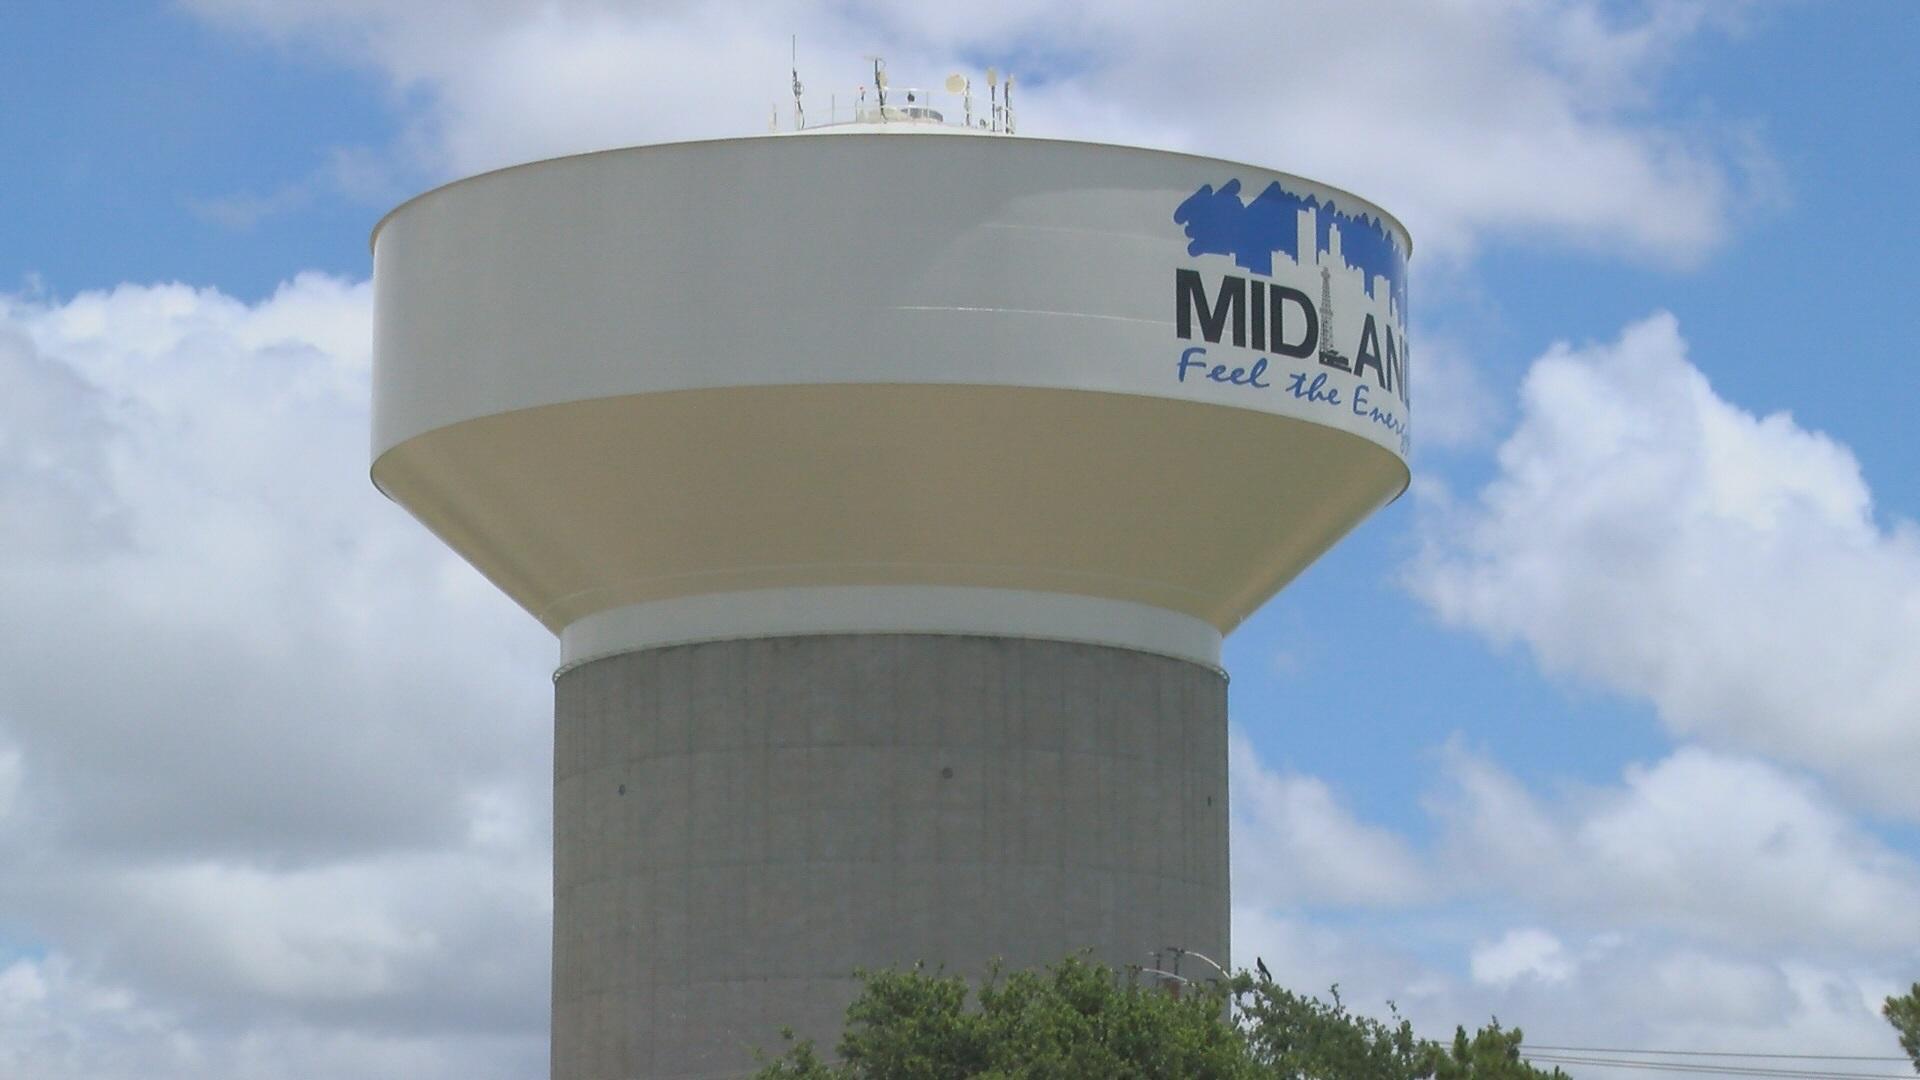 MIDLAND WATER TOWER PIC_1434579799760.jpg